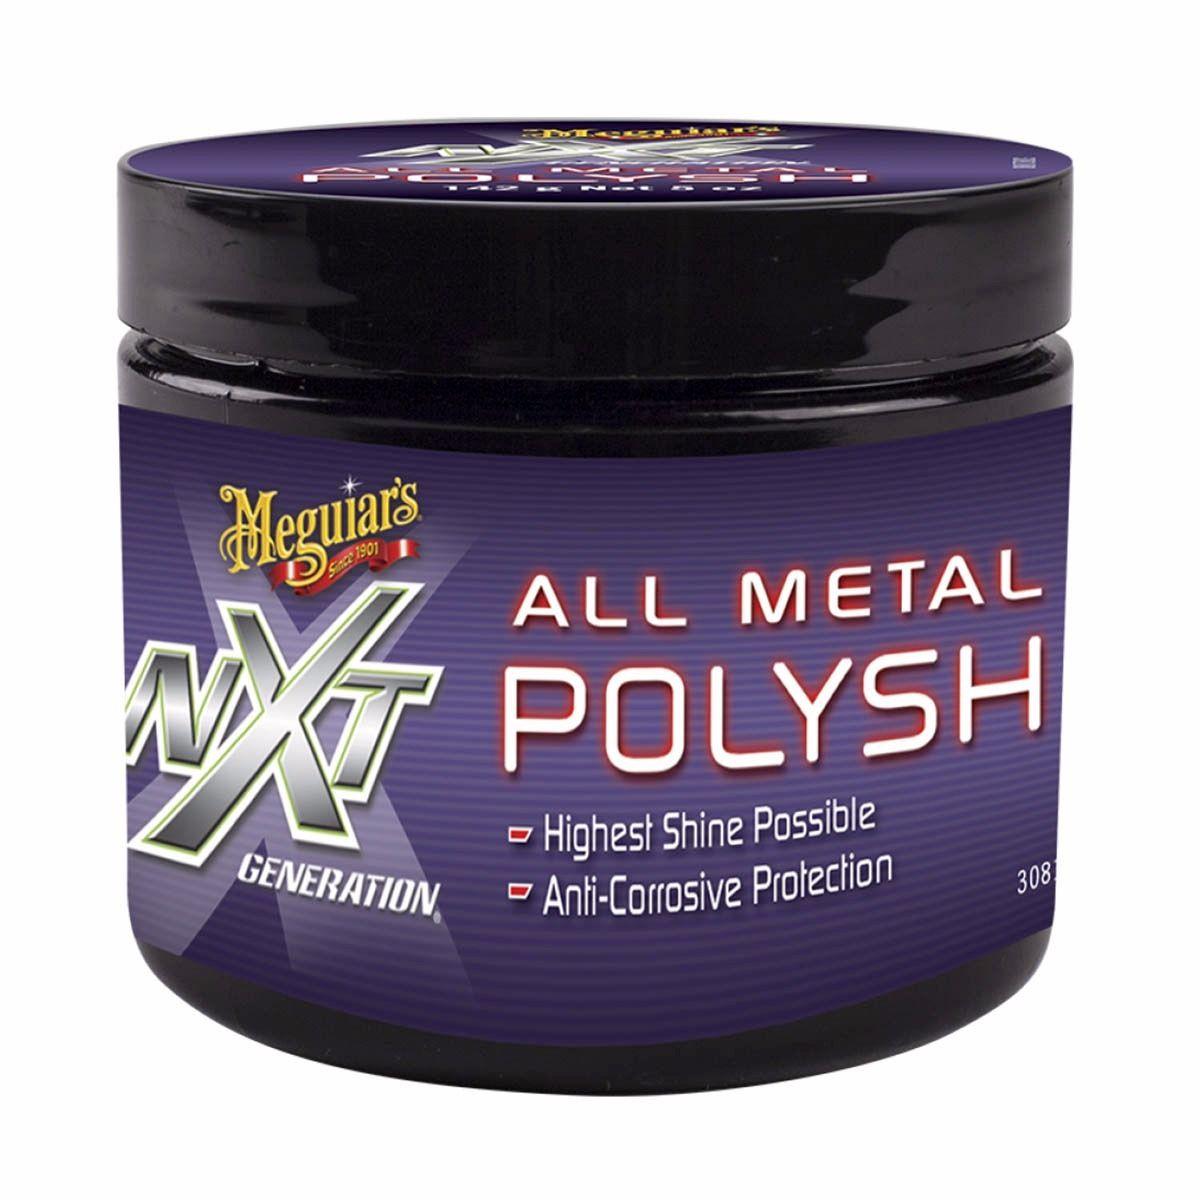 Polidor De Metais E Cromados NXT 142g - G13005 - Meguiars  - Loja Go Eco Wash